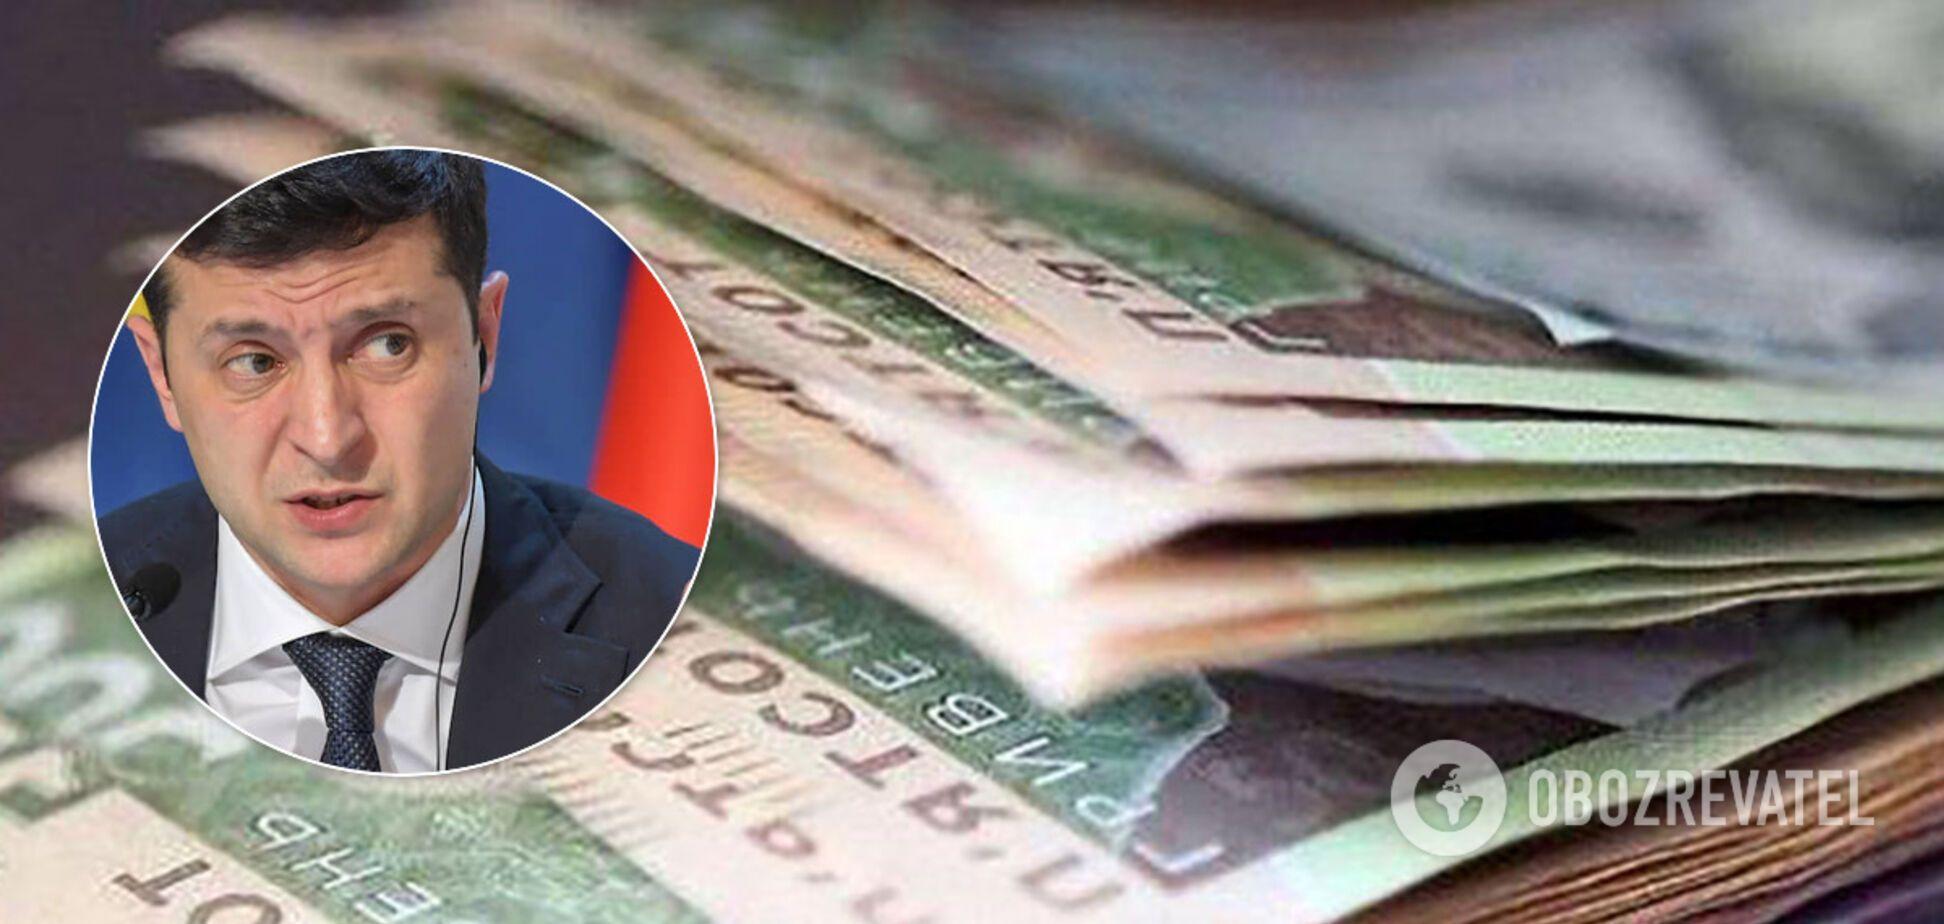 Зарплата чиновников теперь не будет превышать 47 тысяч гривен - Зеленский